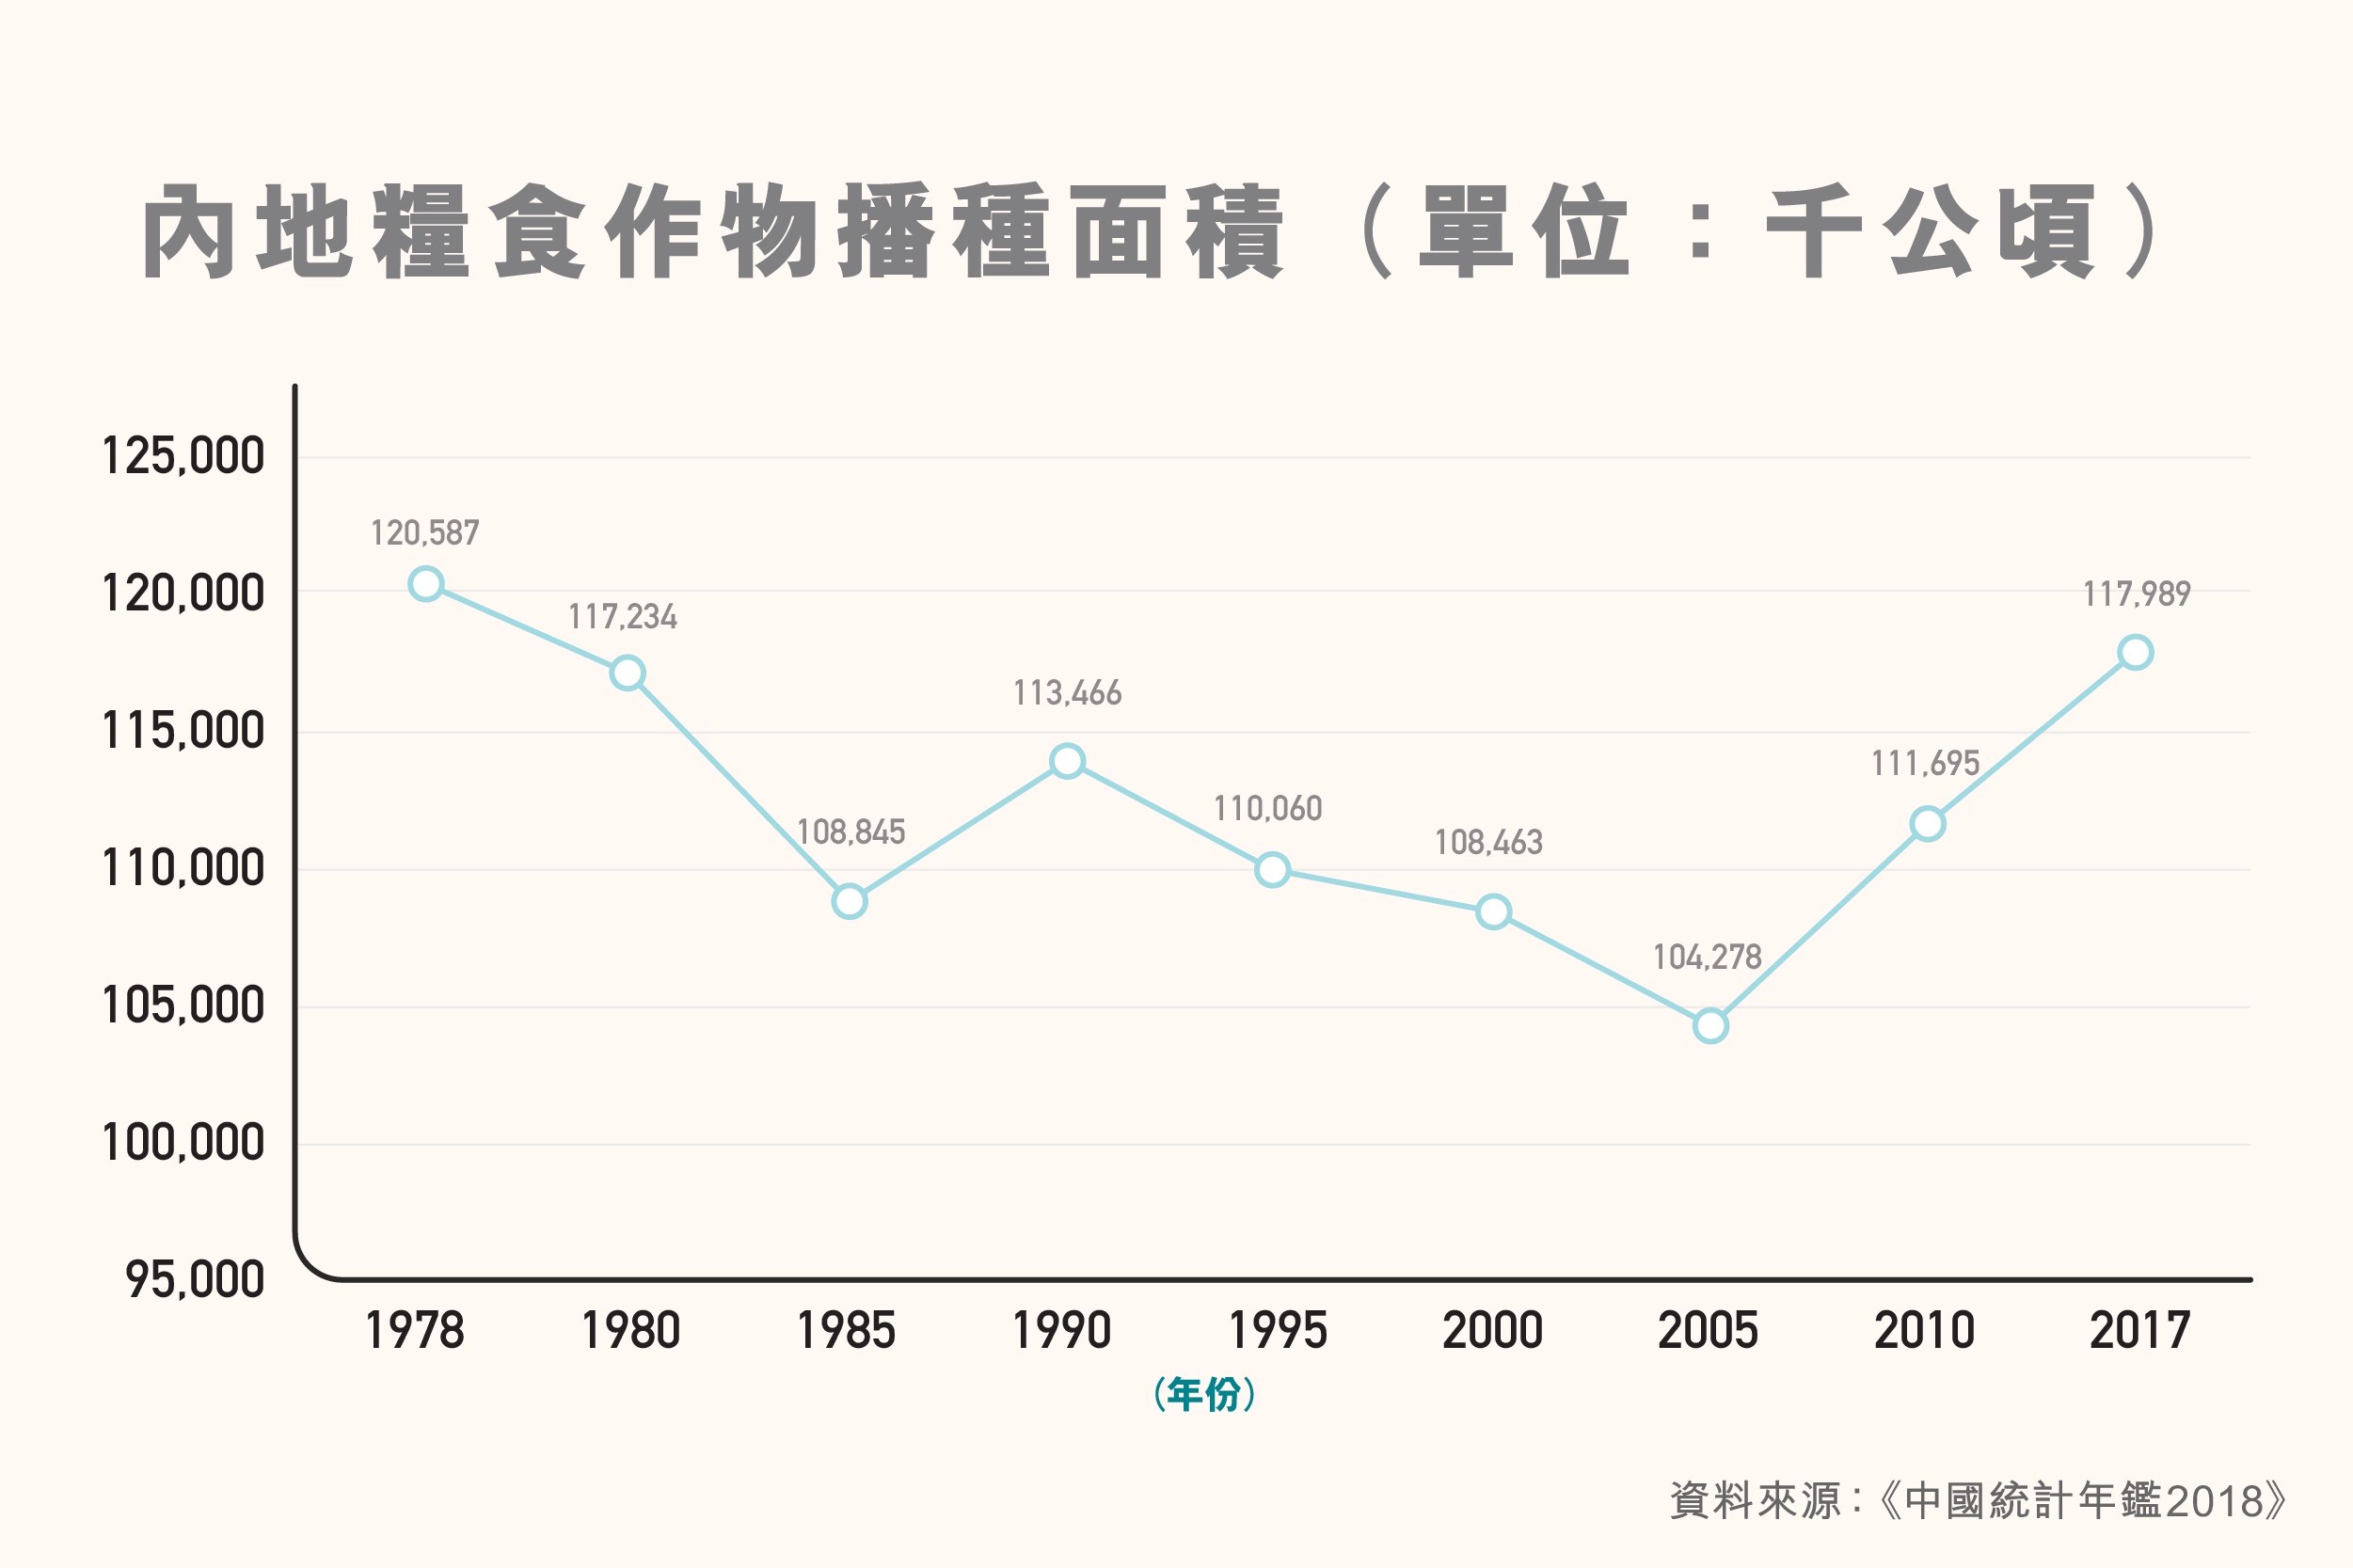 ls_diagram_nongyeshengchangaikuang_neideliangshizuowubozhongmianji2